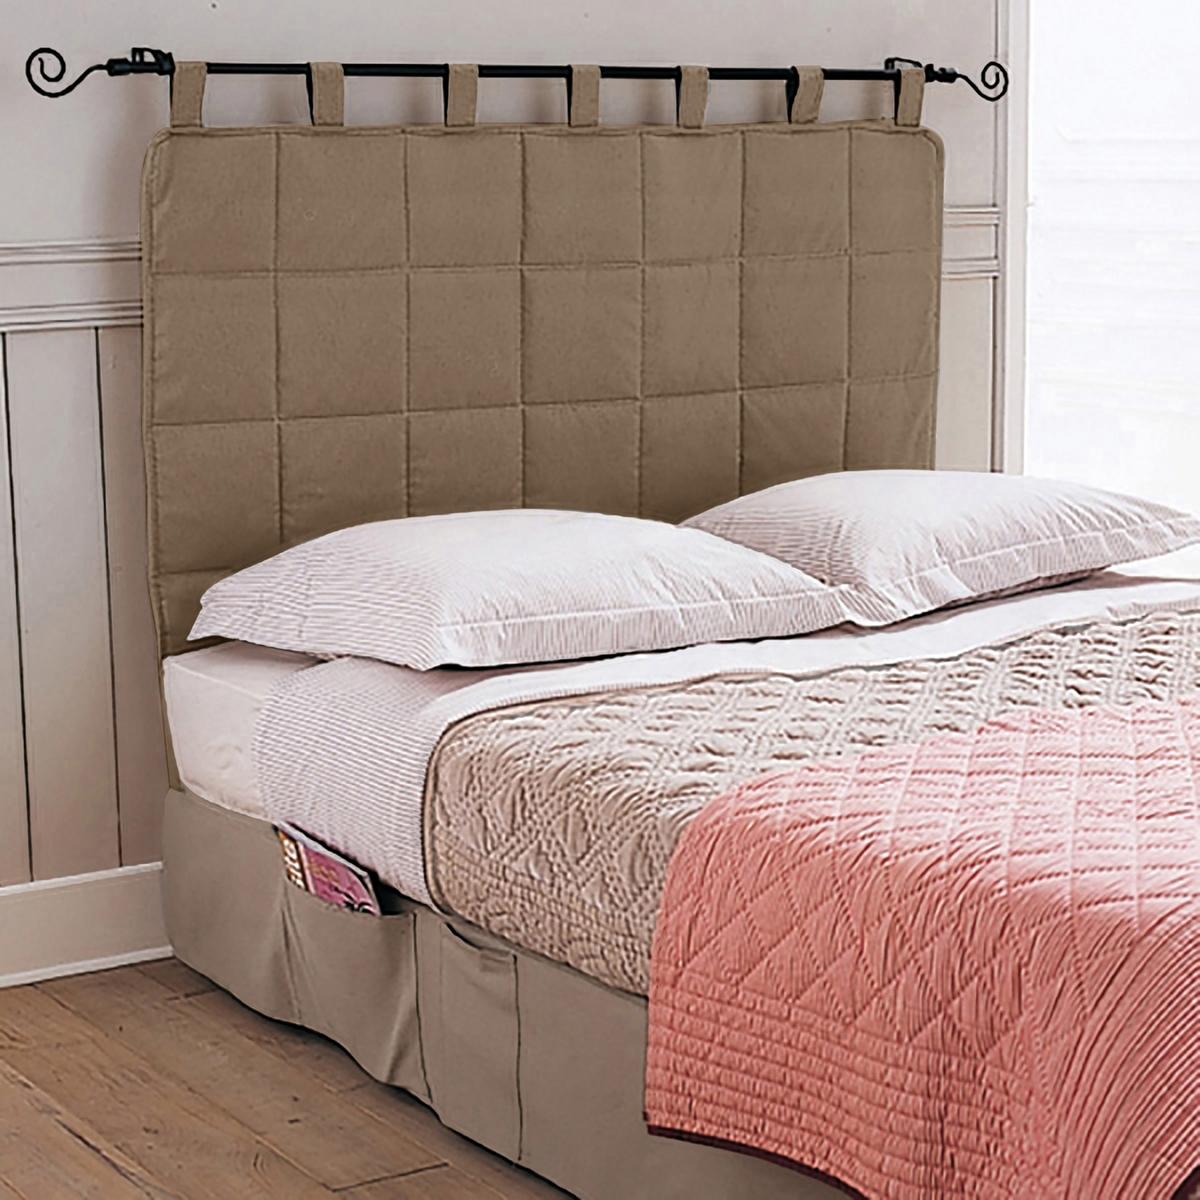 Панель для изголовьяСтеганая панель для изголовья кровати элегантно дополнит интерьер Вашей спальни. Ткань из 80% хлопка, 20% полиэстера. 5 стильных цветов на выбор. Высота 90 см (из них 10 см - шлевки). Стирка при 40°.<br><br>Цвет: бежевый,серо-коричневый каштан<br>Размер: 140 x 100 см.160 x 100 см